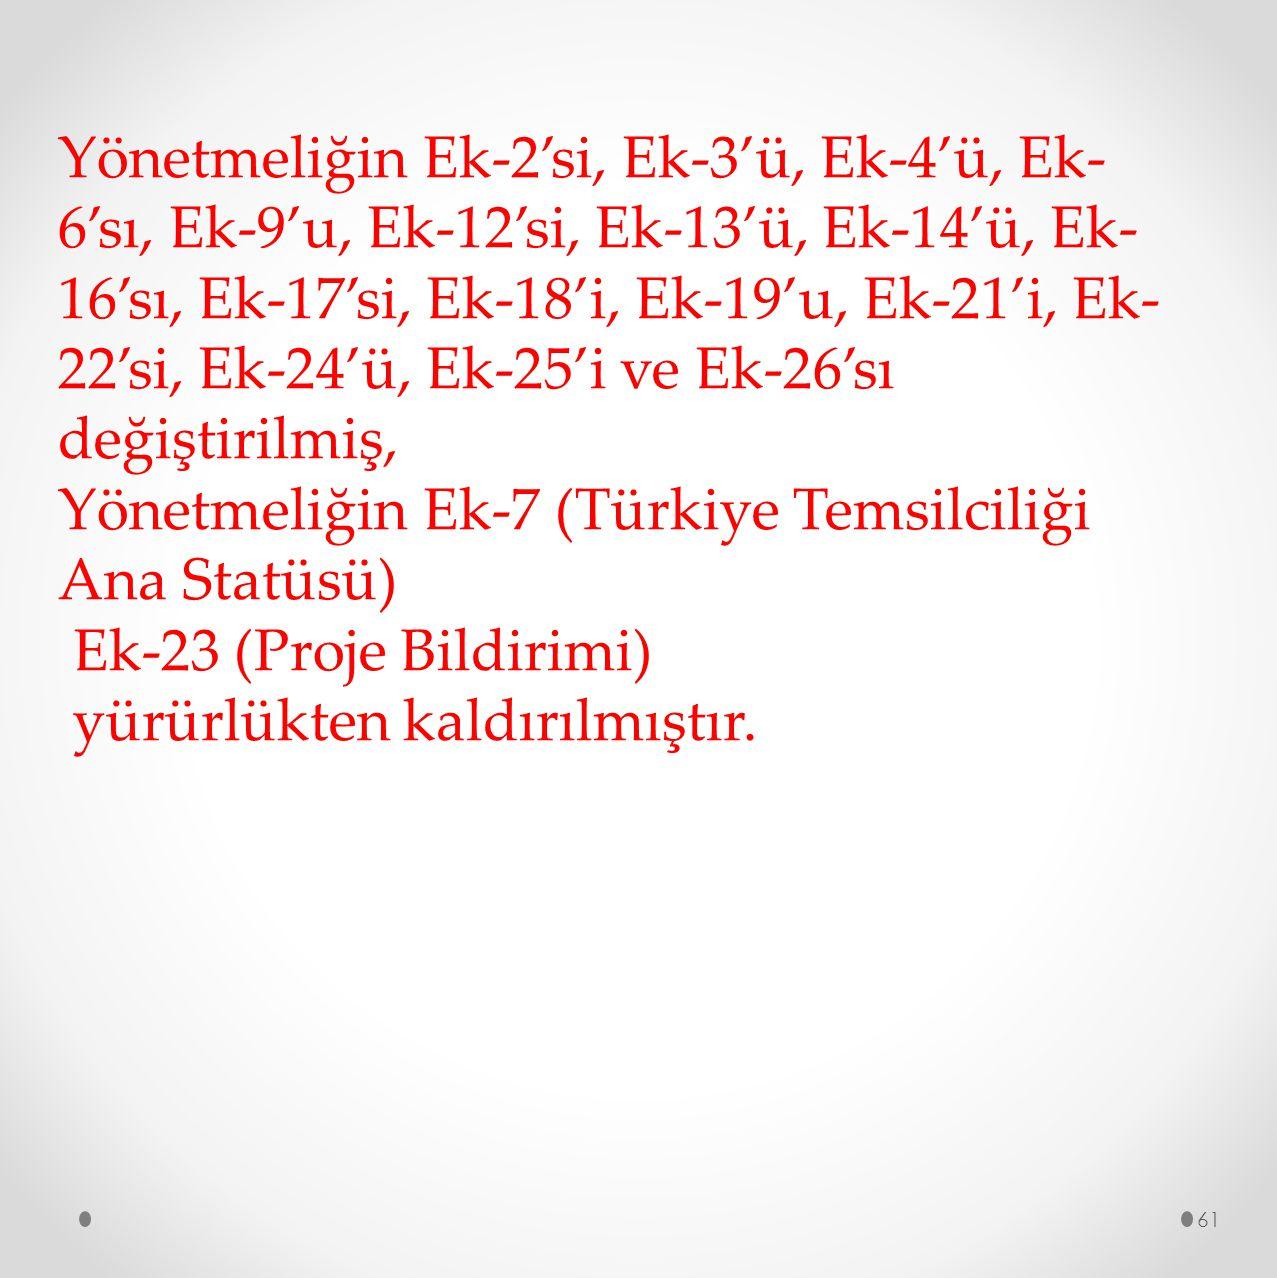 Yönetmeliğin Ek-2'si, Ek-3'ü, Ek-4'ü, Ek-6'sı, Ek-9'u, Ek-12'si, Ek-13'ü, Ek-14'ü, Ek-16'sı, Ek-17'si, Ek-18'i, Ek-19'u, Ek-21'i, Ek-22'si, Ek-24'ü, Ek-25'i ve Ek-26'sı değiştirilmiş,